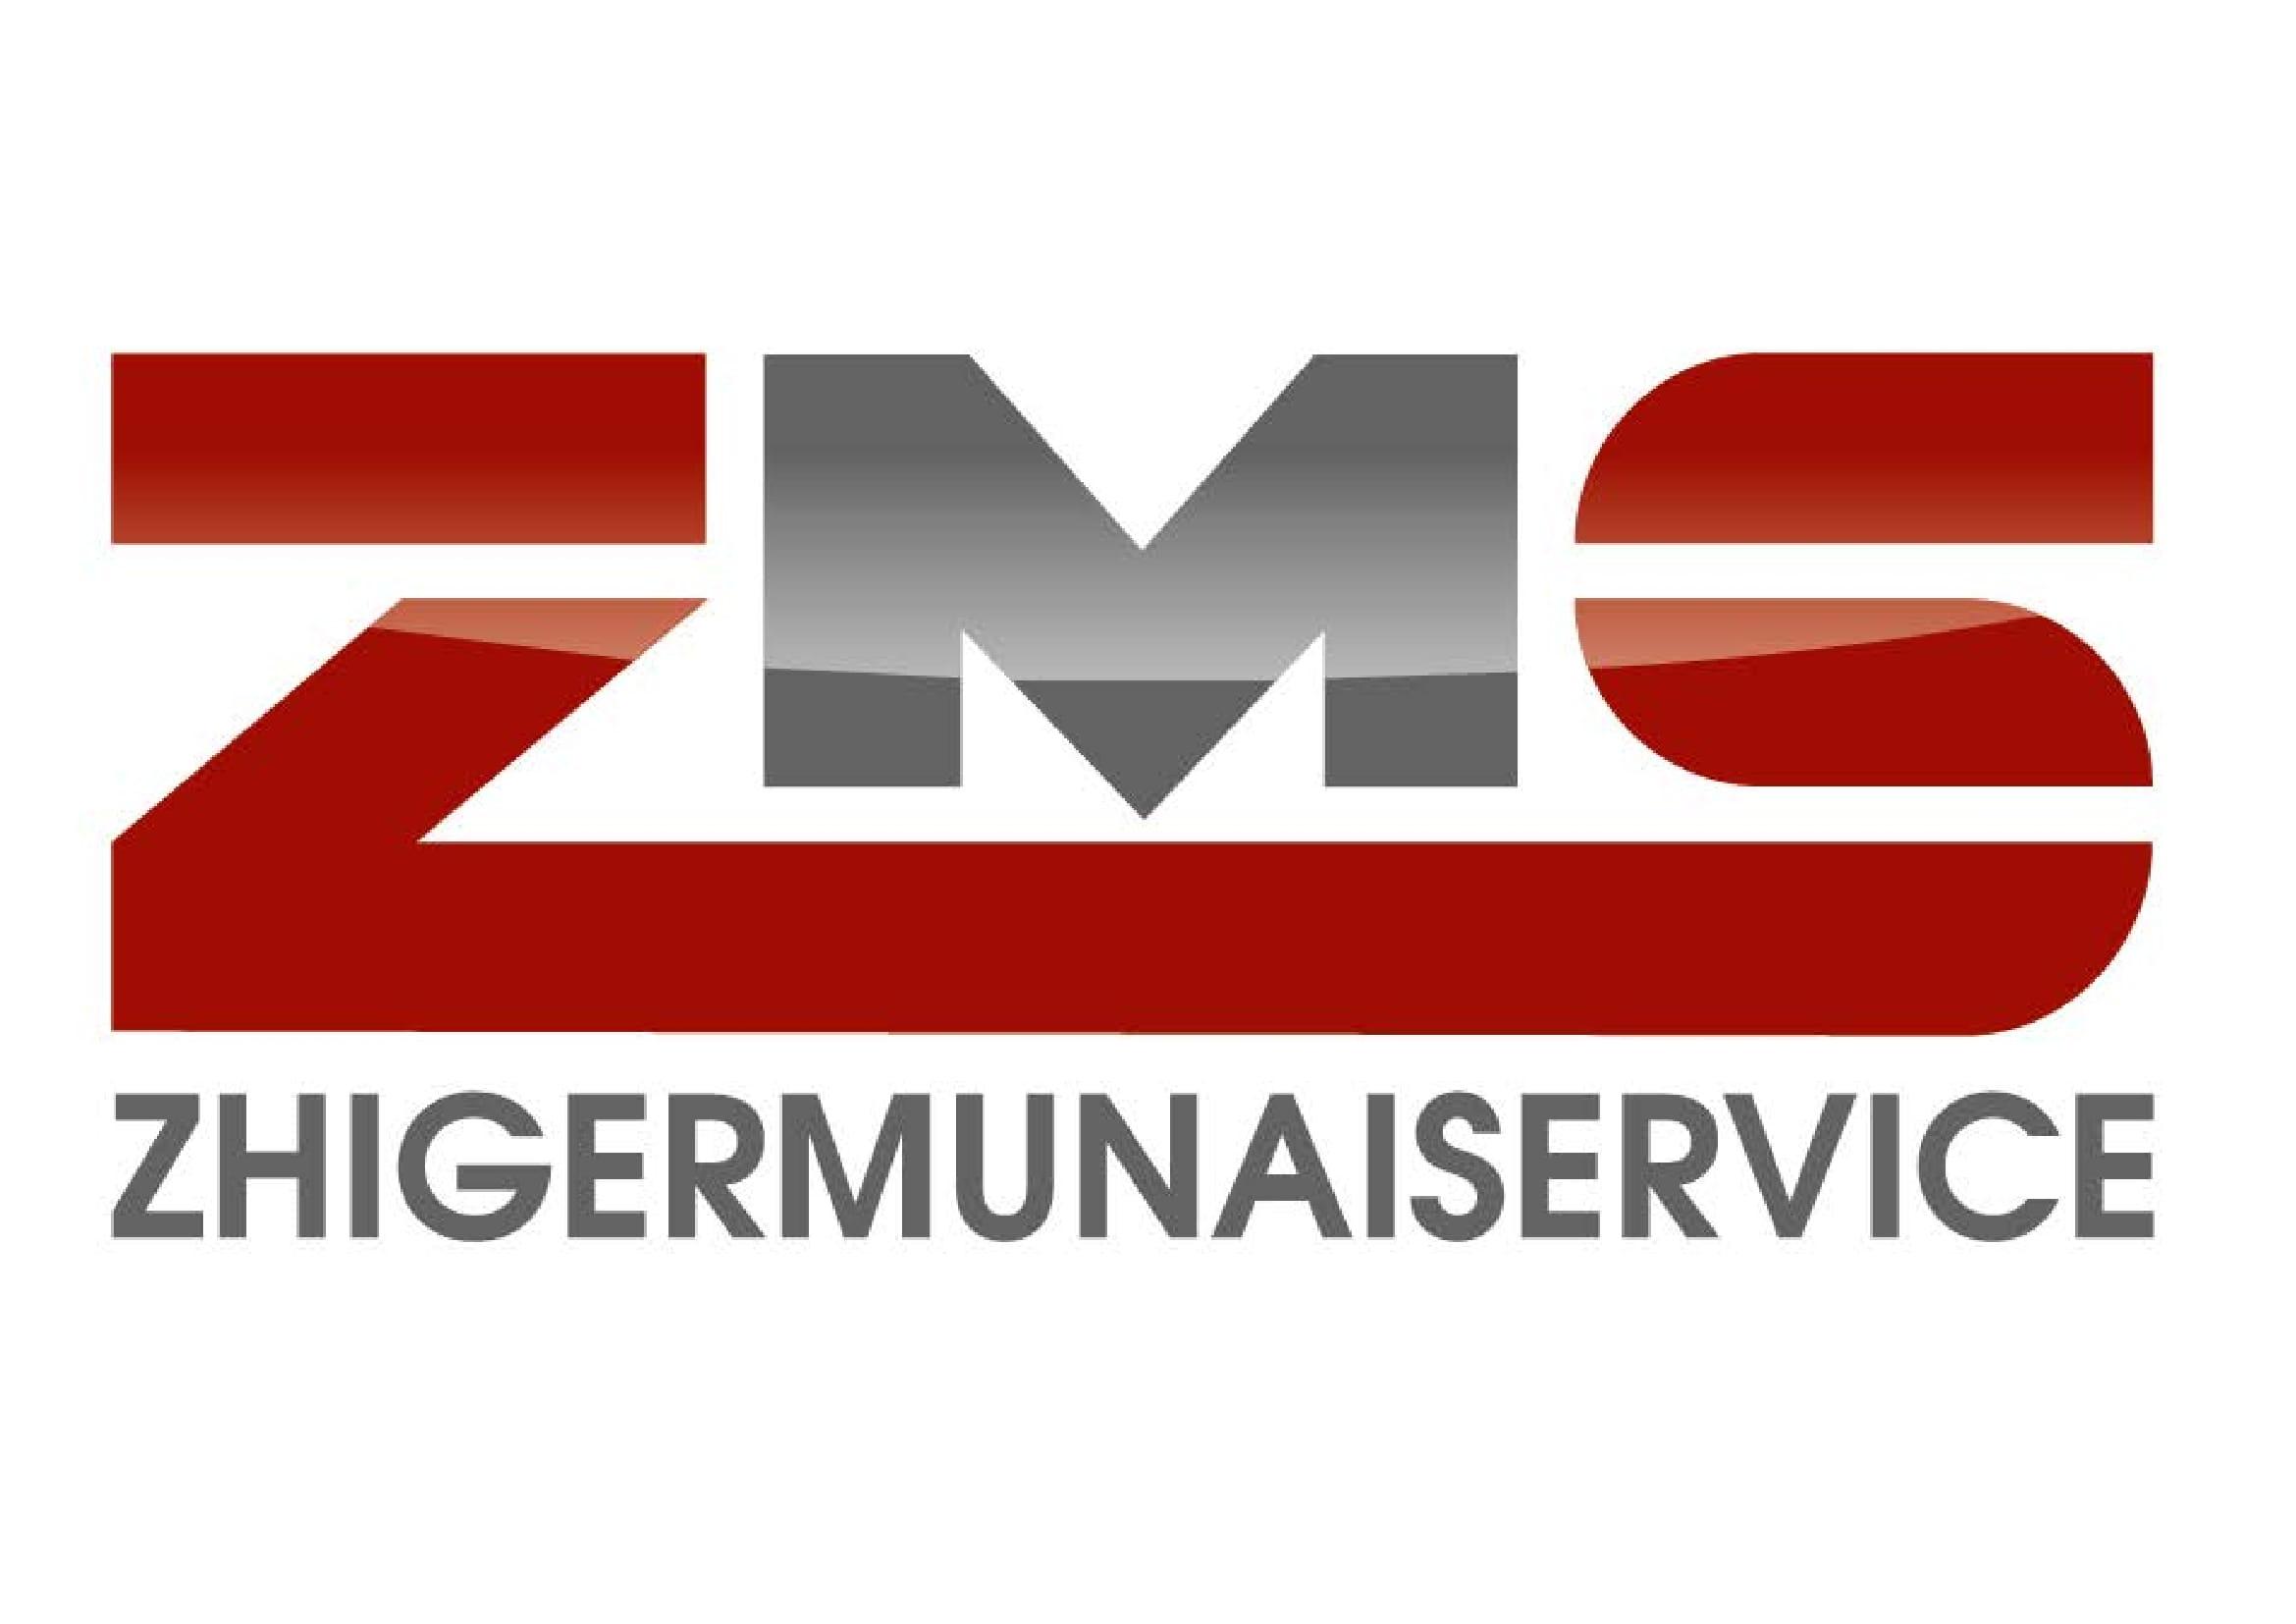 ZhigerMunaiService